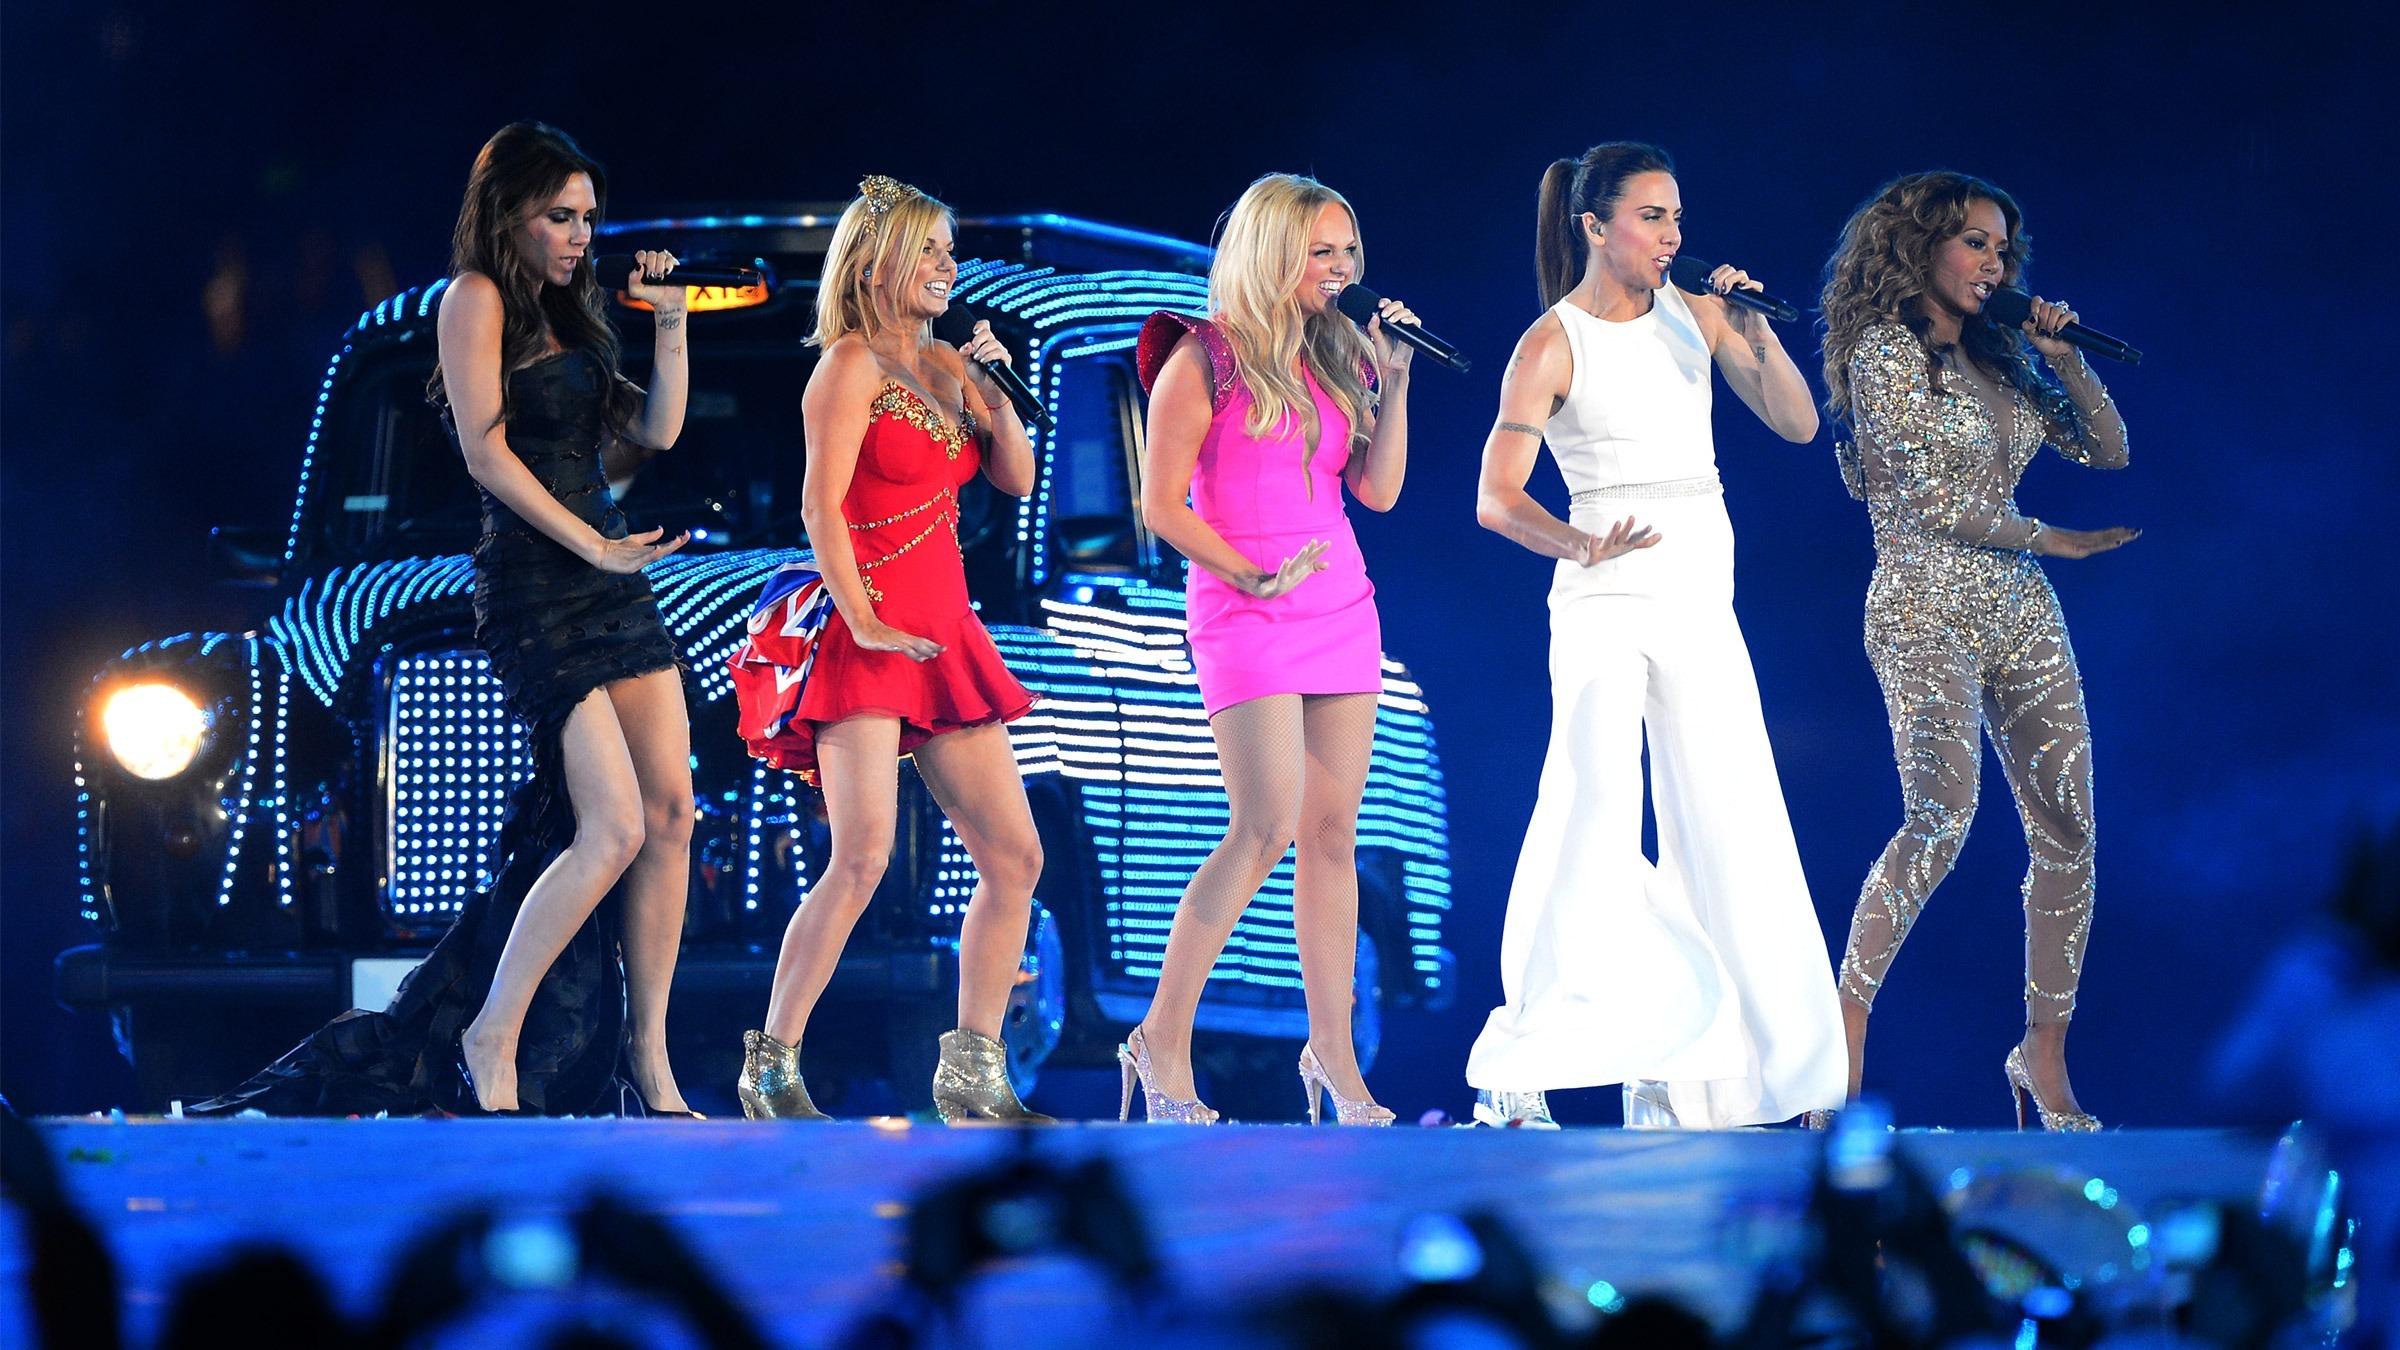 c1cfeaa77a3 De Spice Girls zijn terug! - Joe